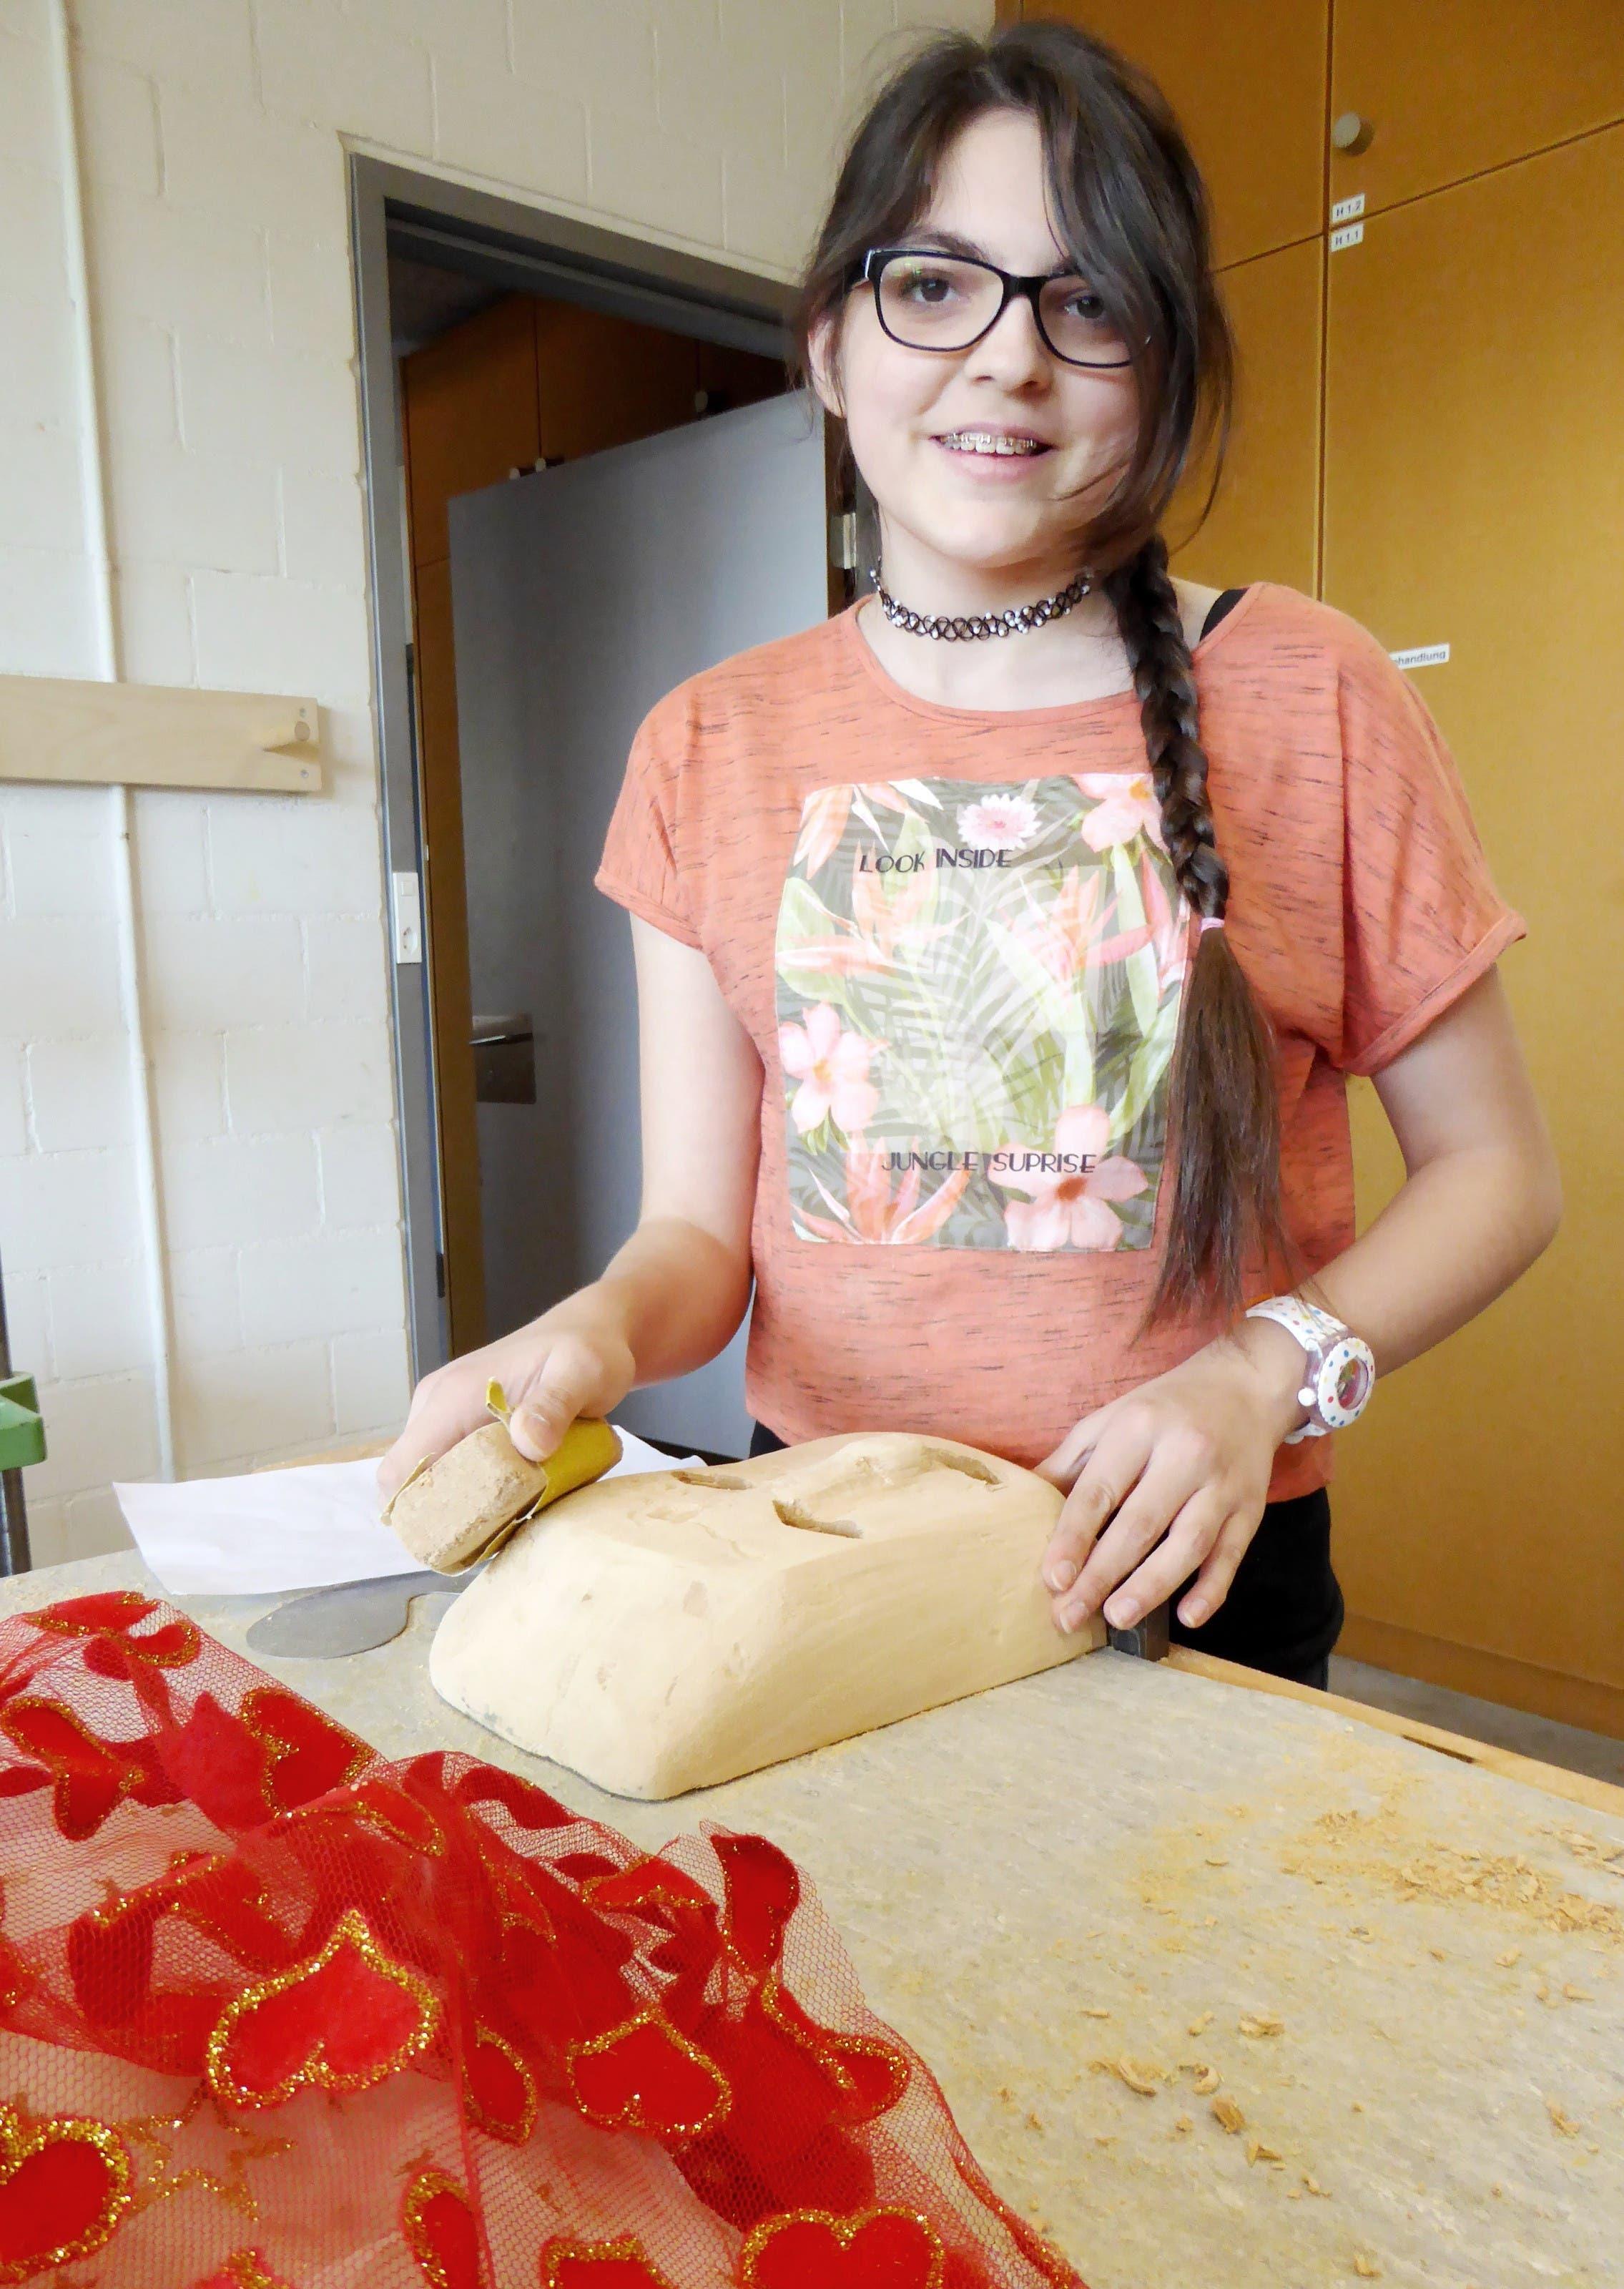 Ihr haben es die venezianischen Masken angetan: Hüsniye Kisakara möchte das Holz weiss anmalen und ganz viel Farbe und bunte Tücher hinzufügen